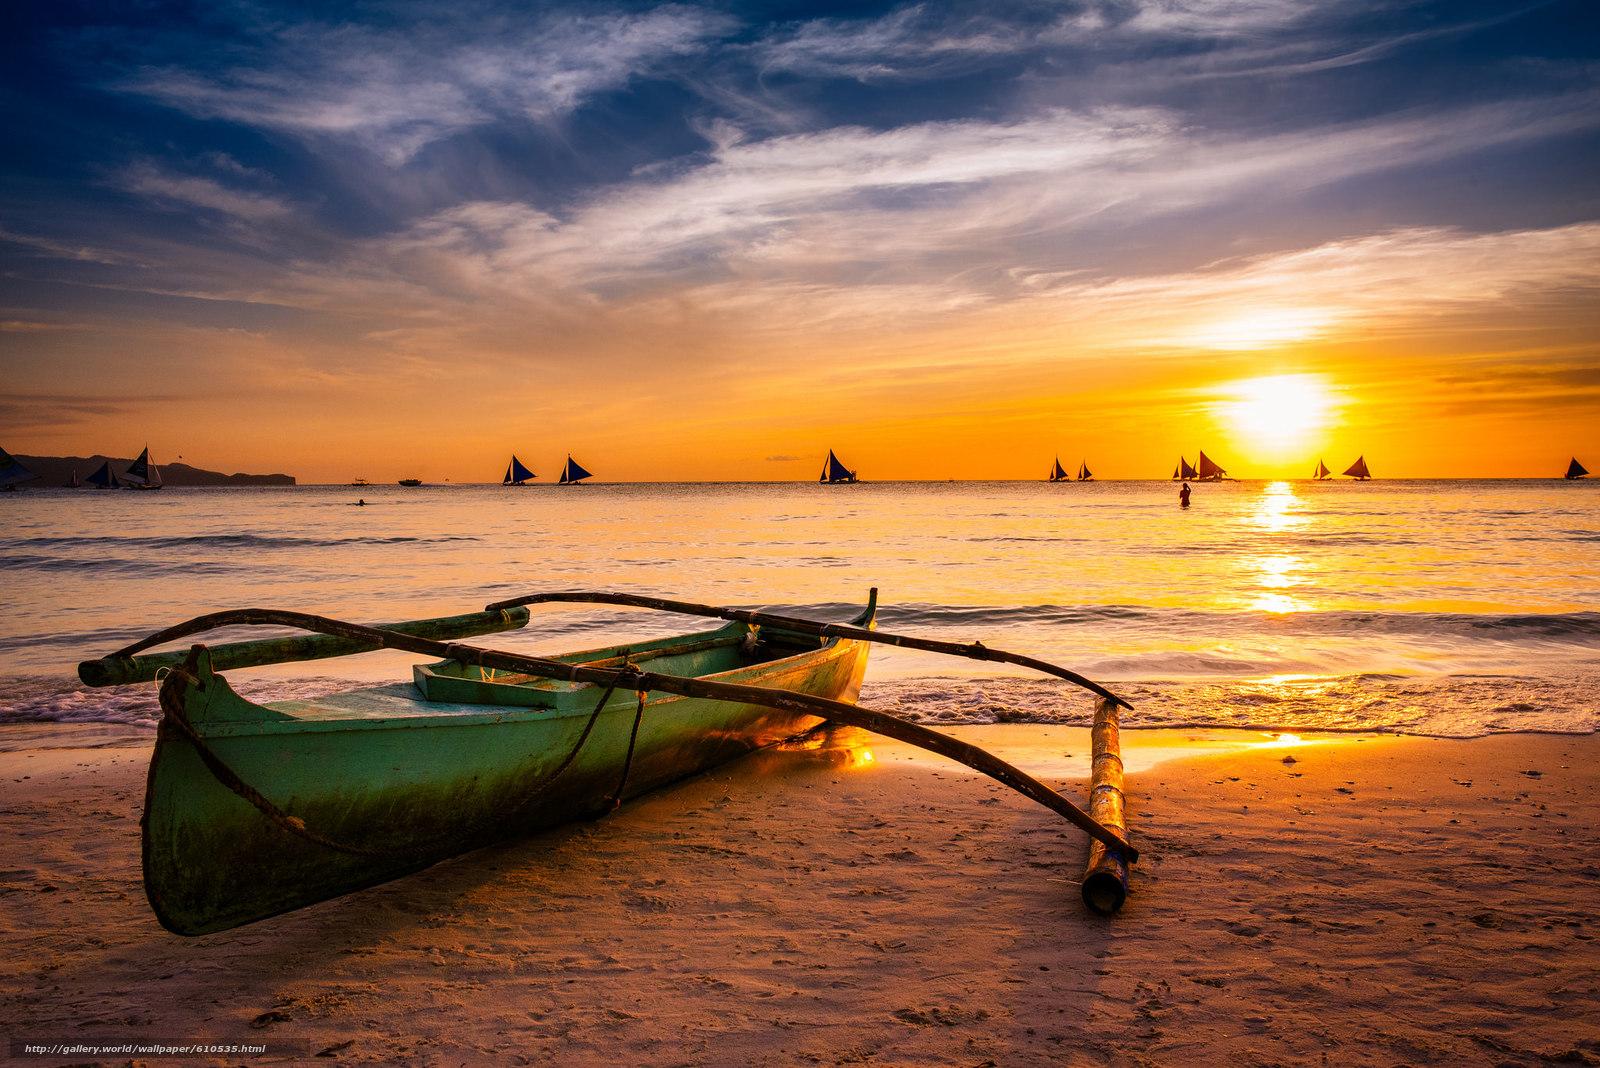 Скачать обои Boracay,  Philippines,  paraw,  Боракай бесплатно для рабочего стола в разрешении 2048x1367 — картинка №610535